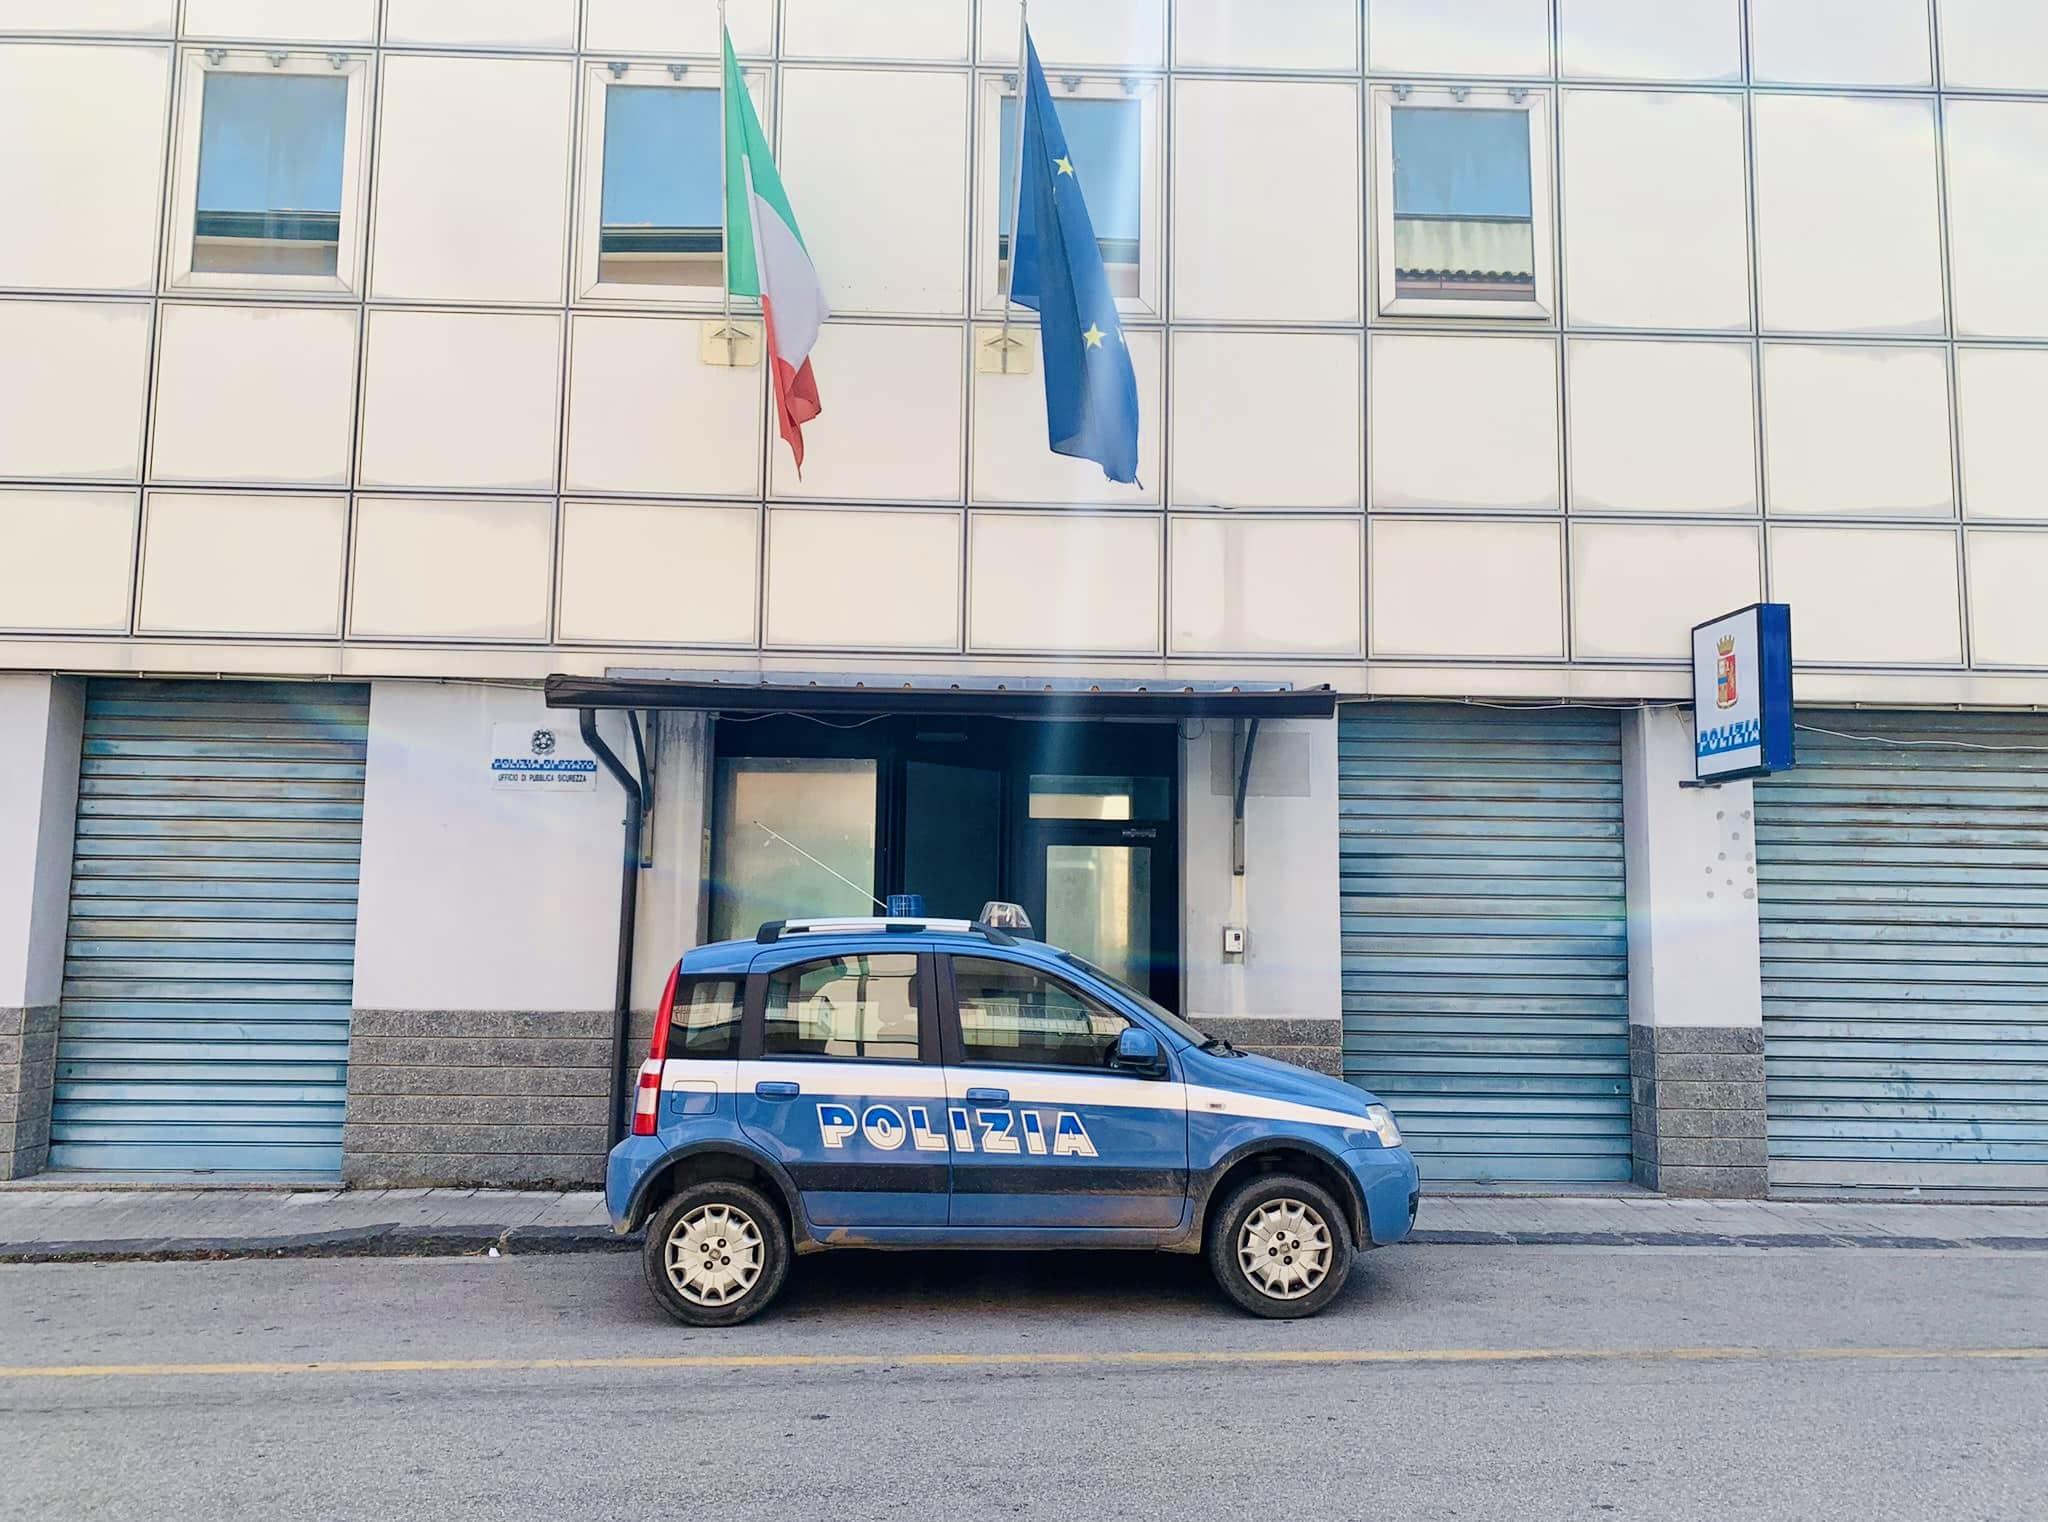 """Operazione """"Senza Tregua"""", arrestata per droga 53enne siciliana: dovrà scontare oltre 9 anni di carcere"""